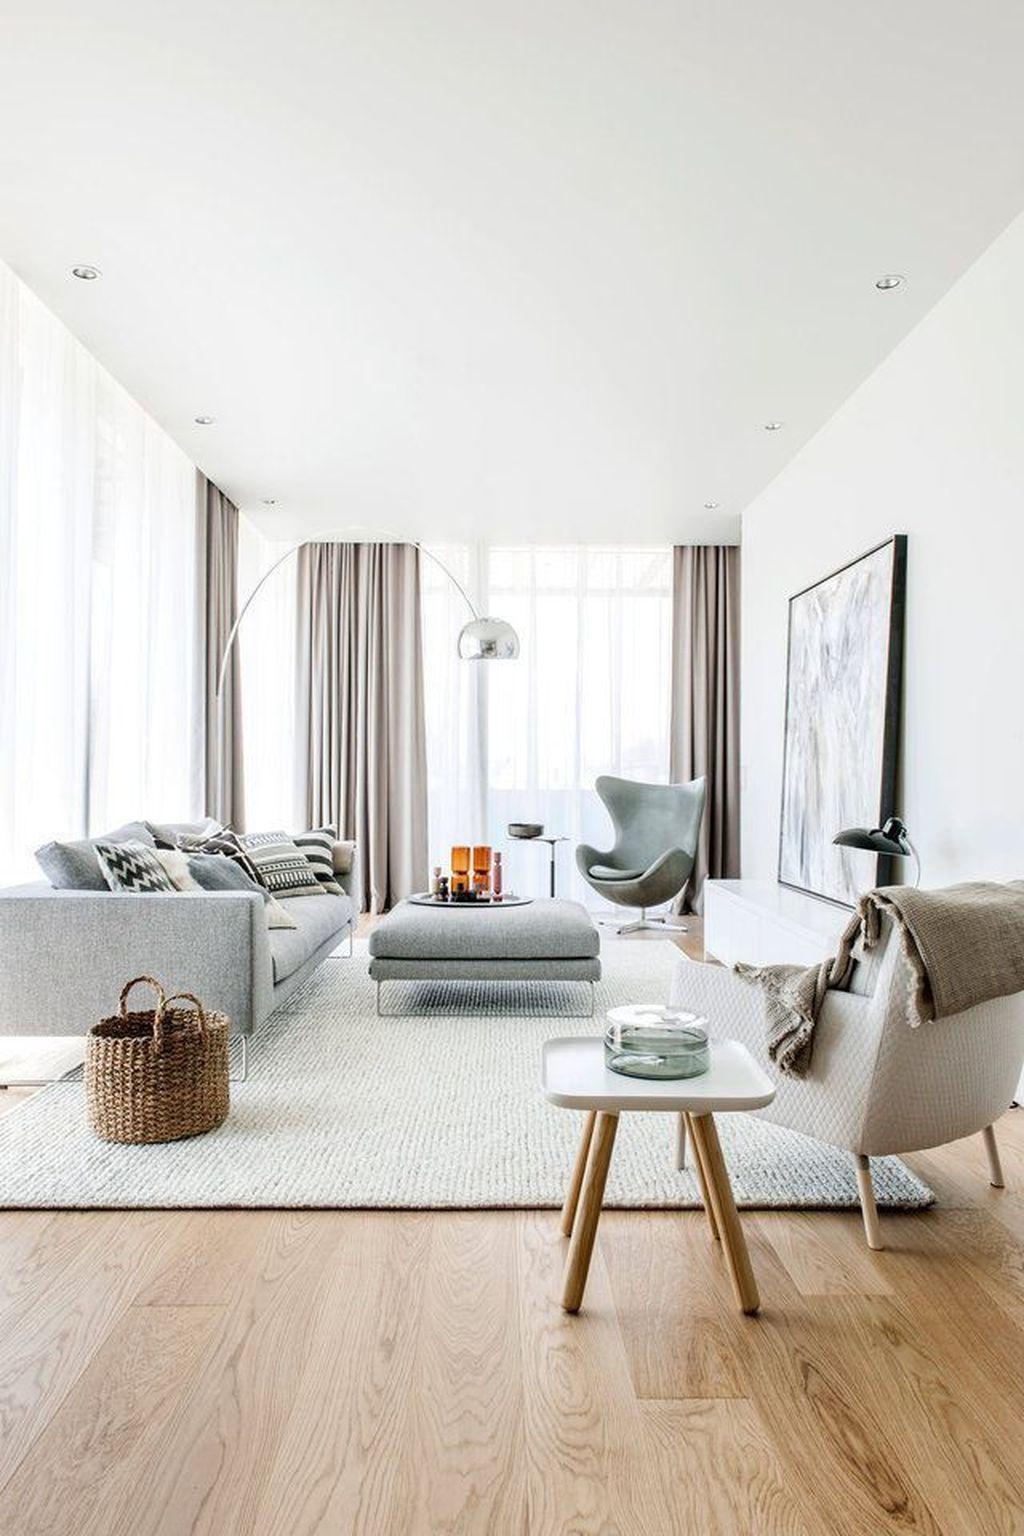 38 Stunning Scandinavian Living Room Design Ideas Nordic Style Wohnzimmer Design Innenarchitektur Wohnzimmer Innenarchitektur